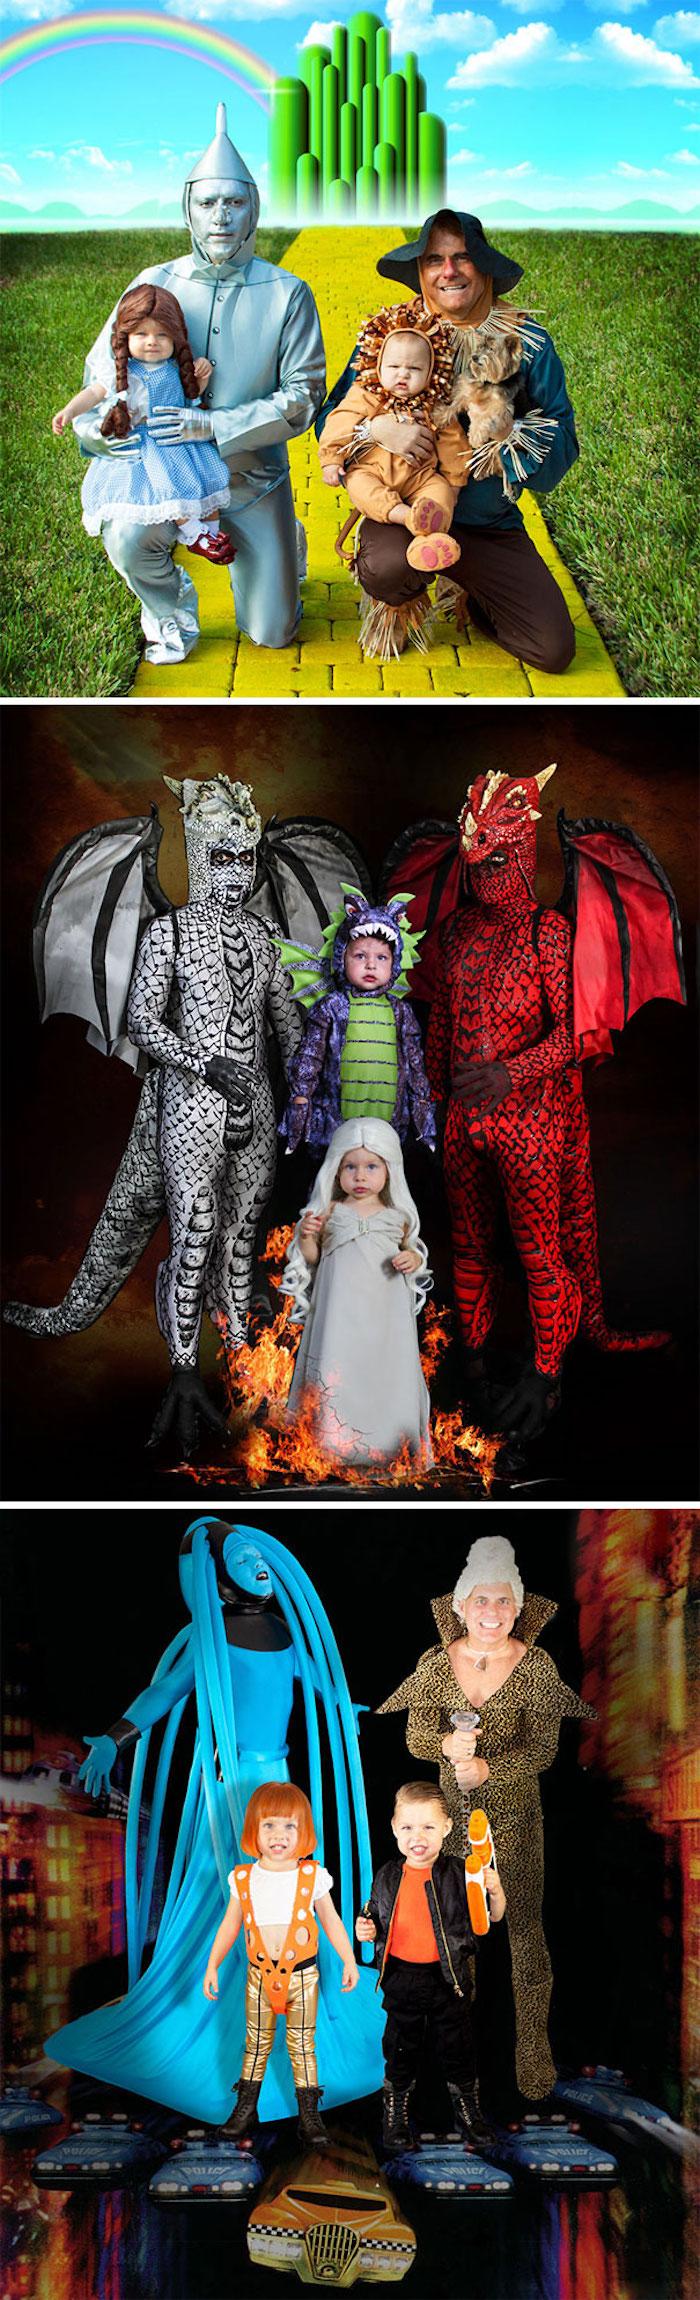 Parfait pour toute la famille deguisement bebe enfants et deux pères, cool idée de costume pour petit enfant Neil Patrick Harris et sa famille Halloween déguisements